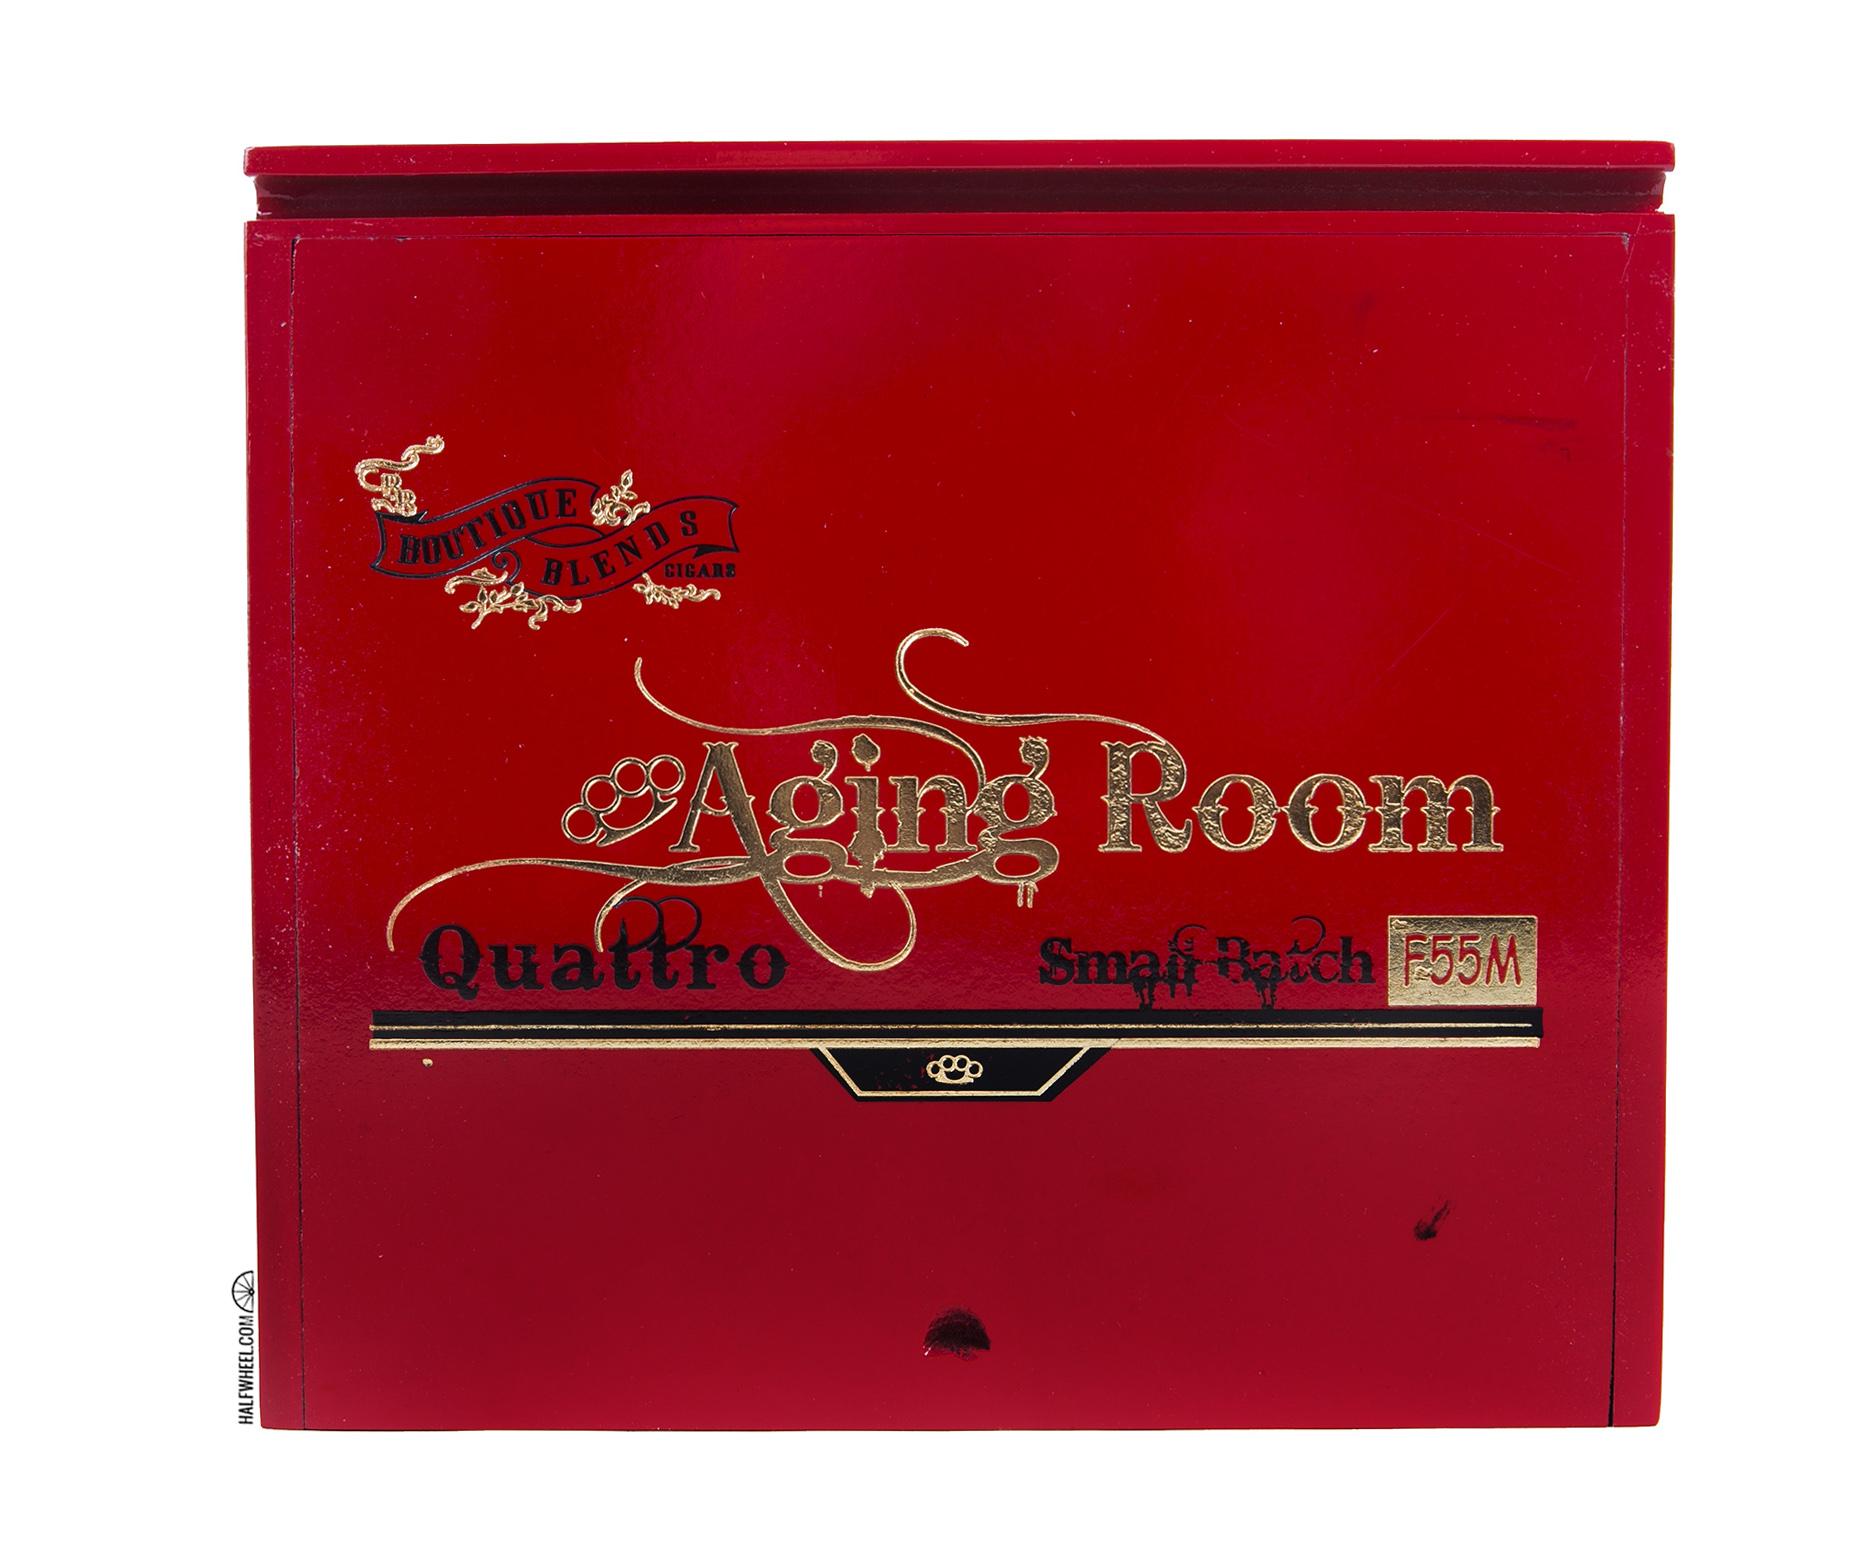 Aging Room Quattro F55M Maduro Concerto Box 1